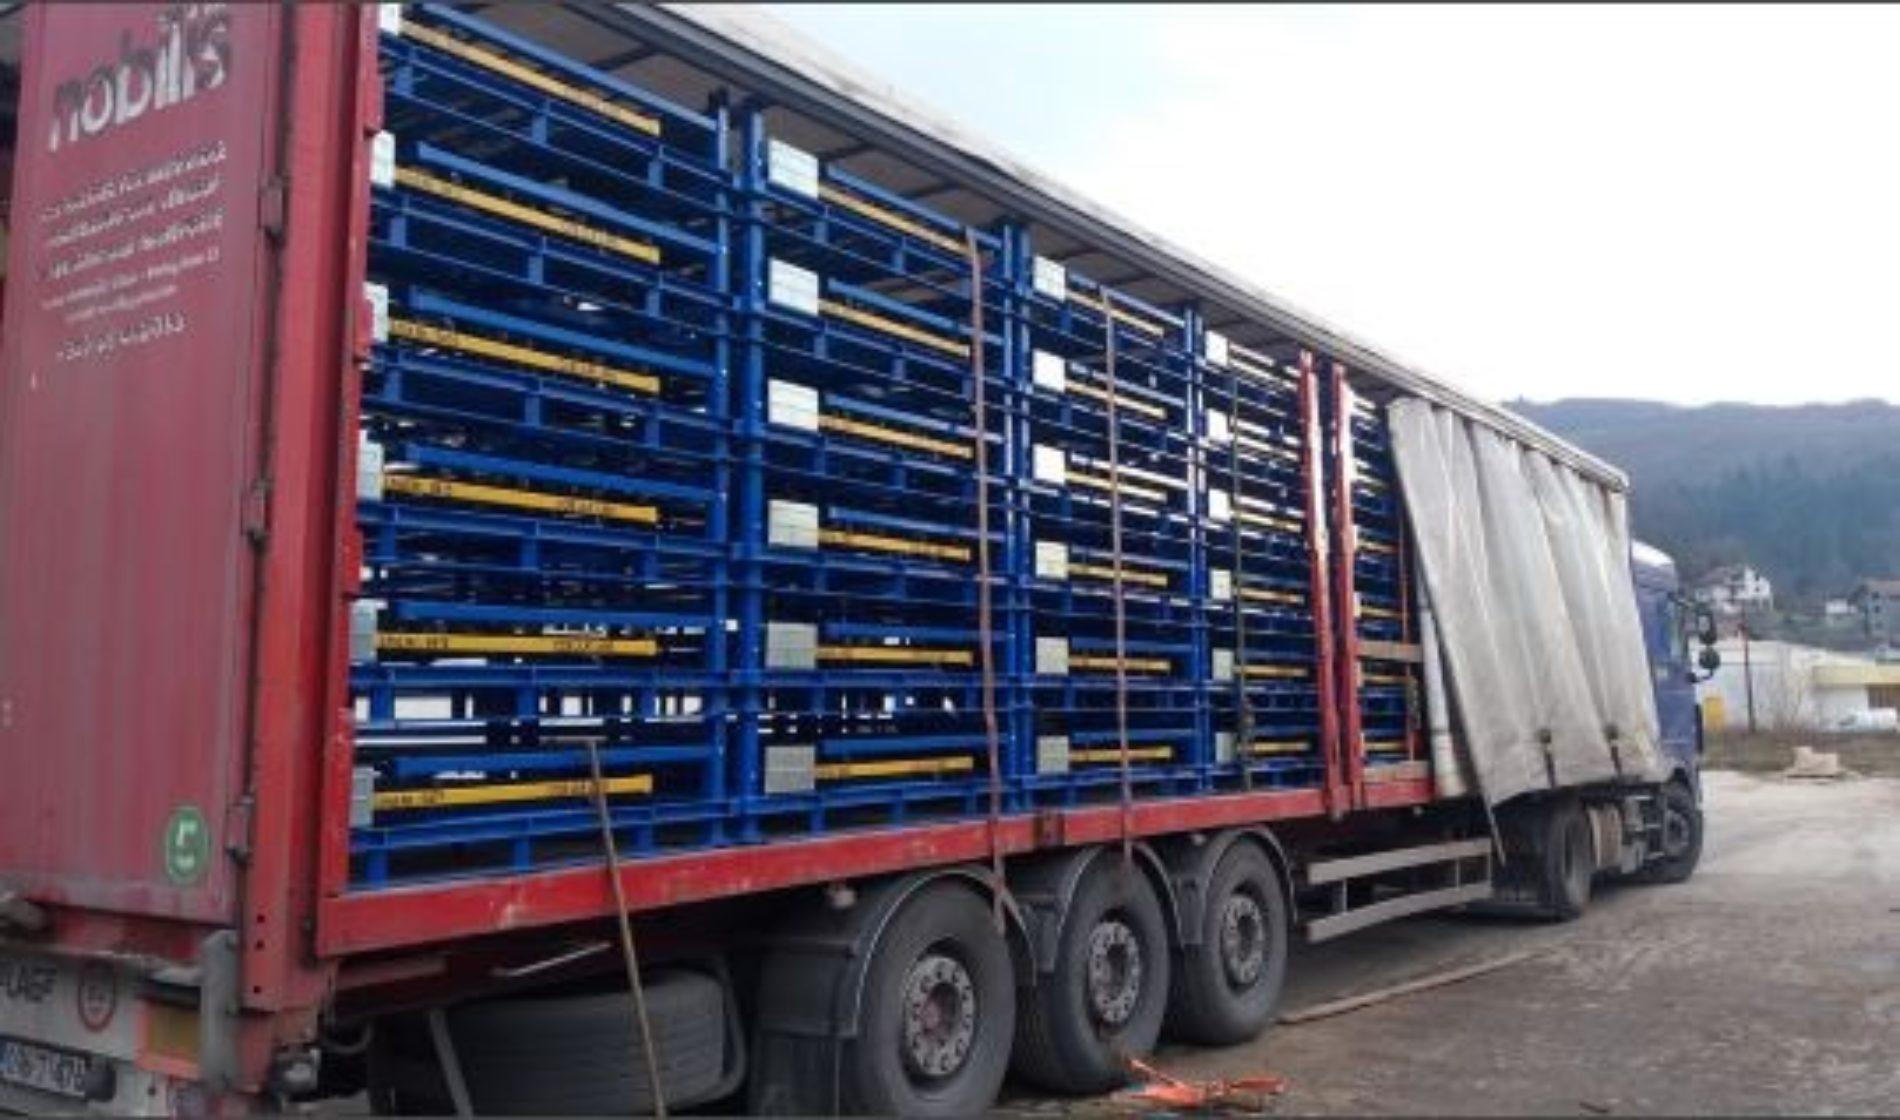 Racks Production Bosnia: Transportne korpe iz Jajca osvajaju svjetsku autoindustriju